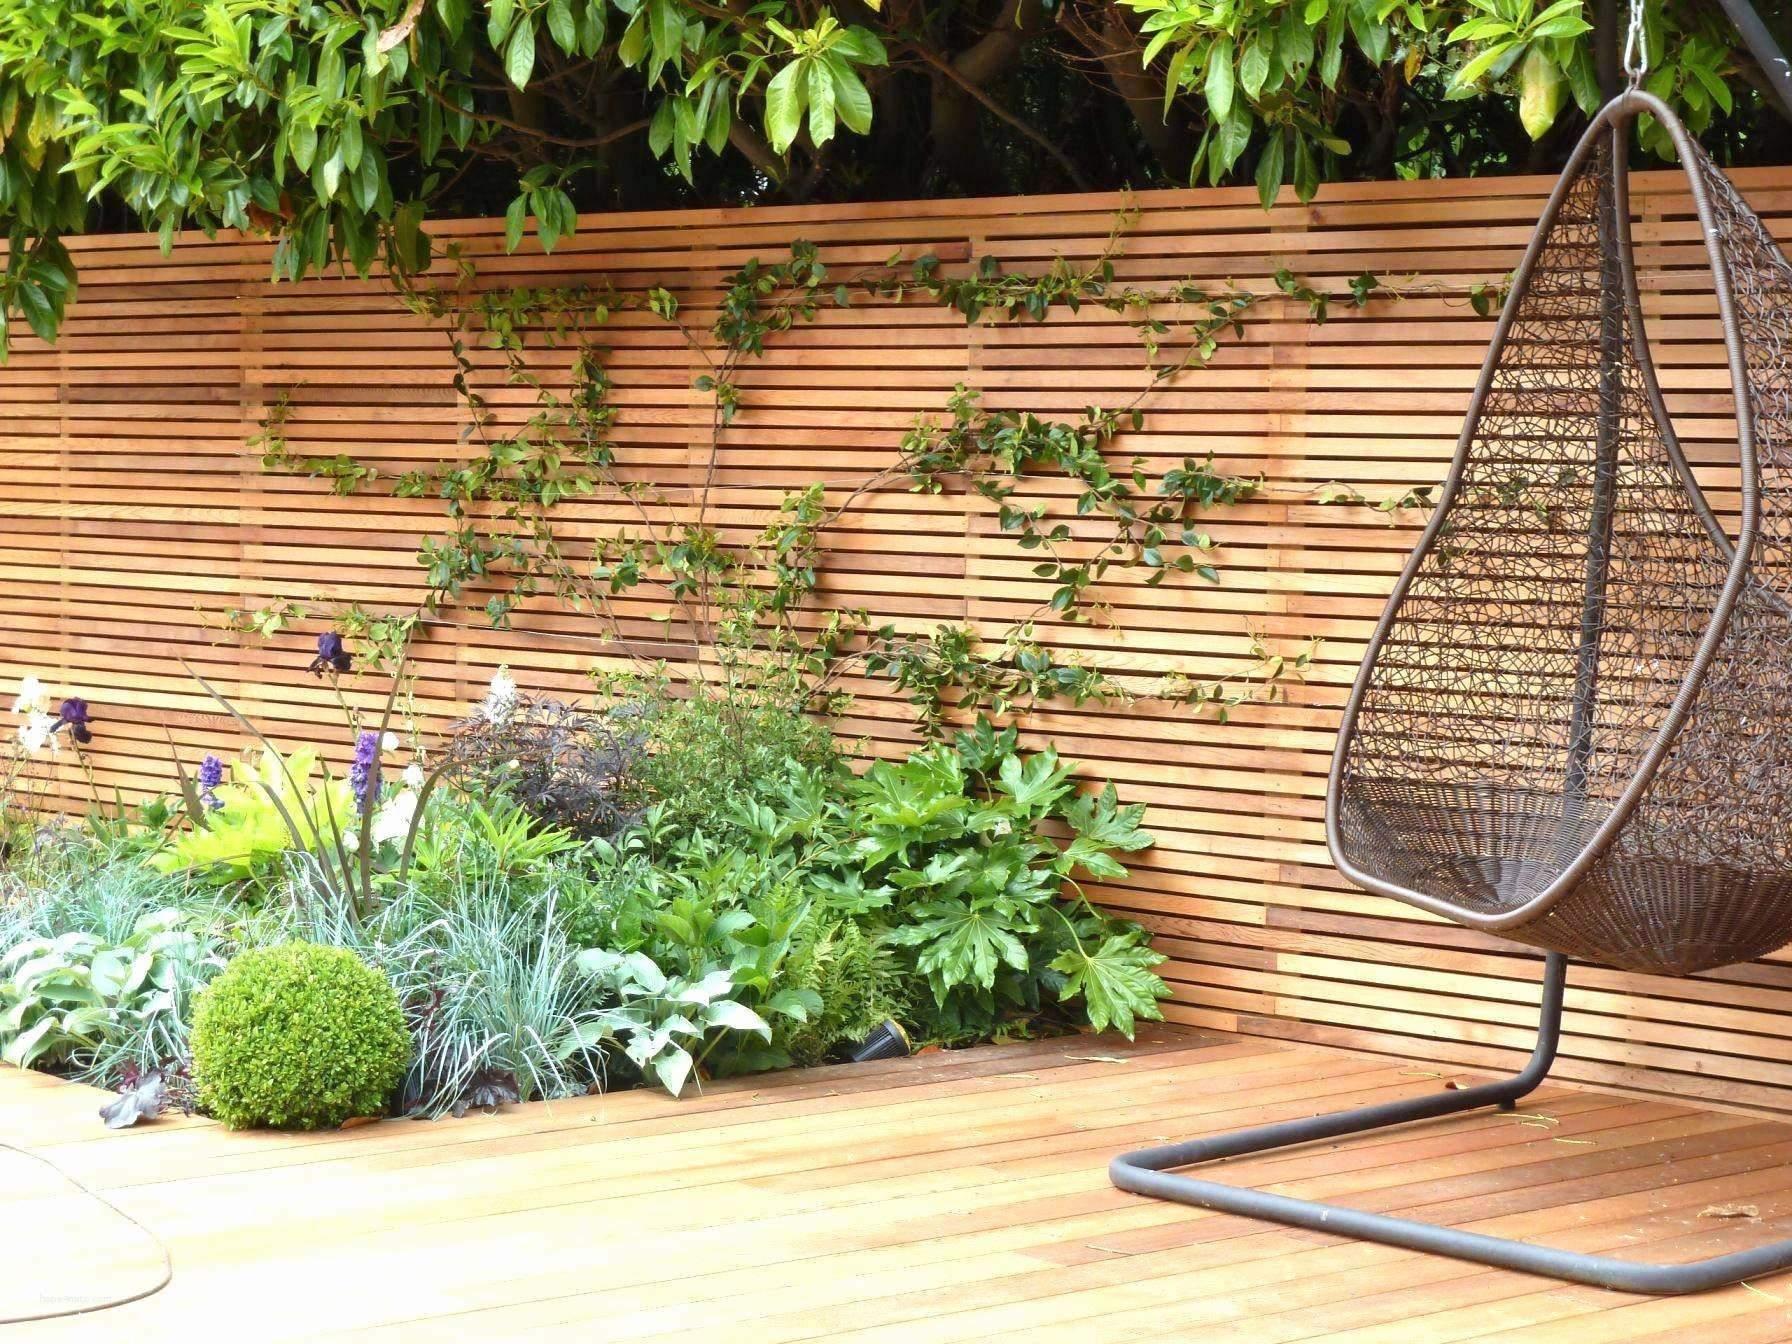 28 Frisch Garten Sichtschutz Ideen Inspirierend Garten Anlegen